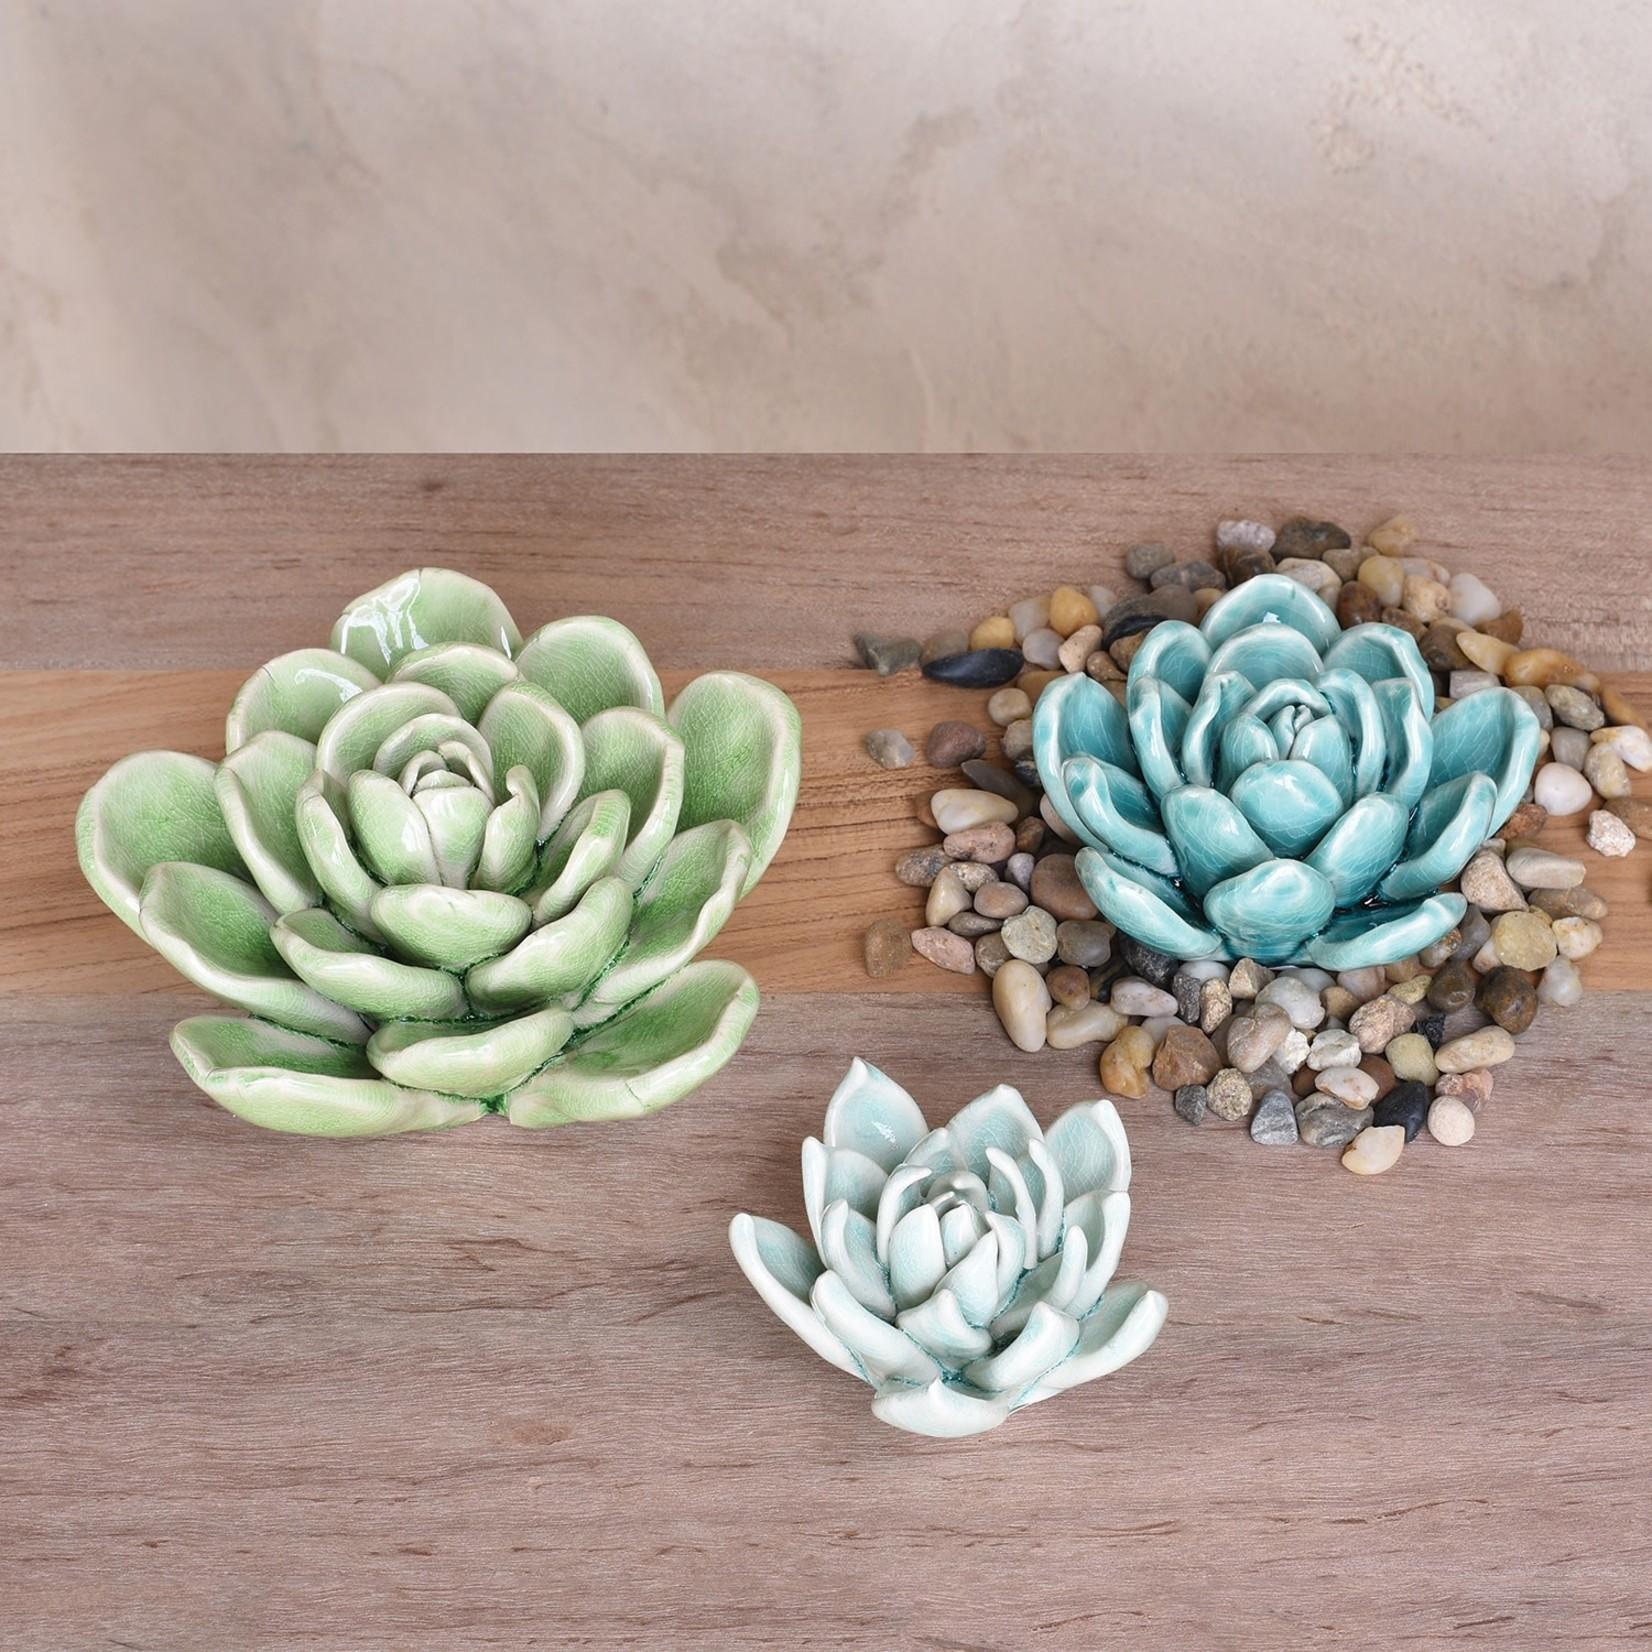 Homart Ceramic Succulents